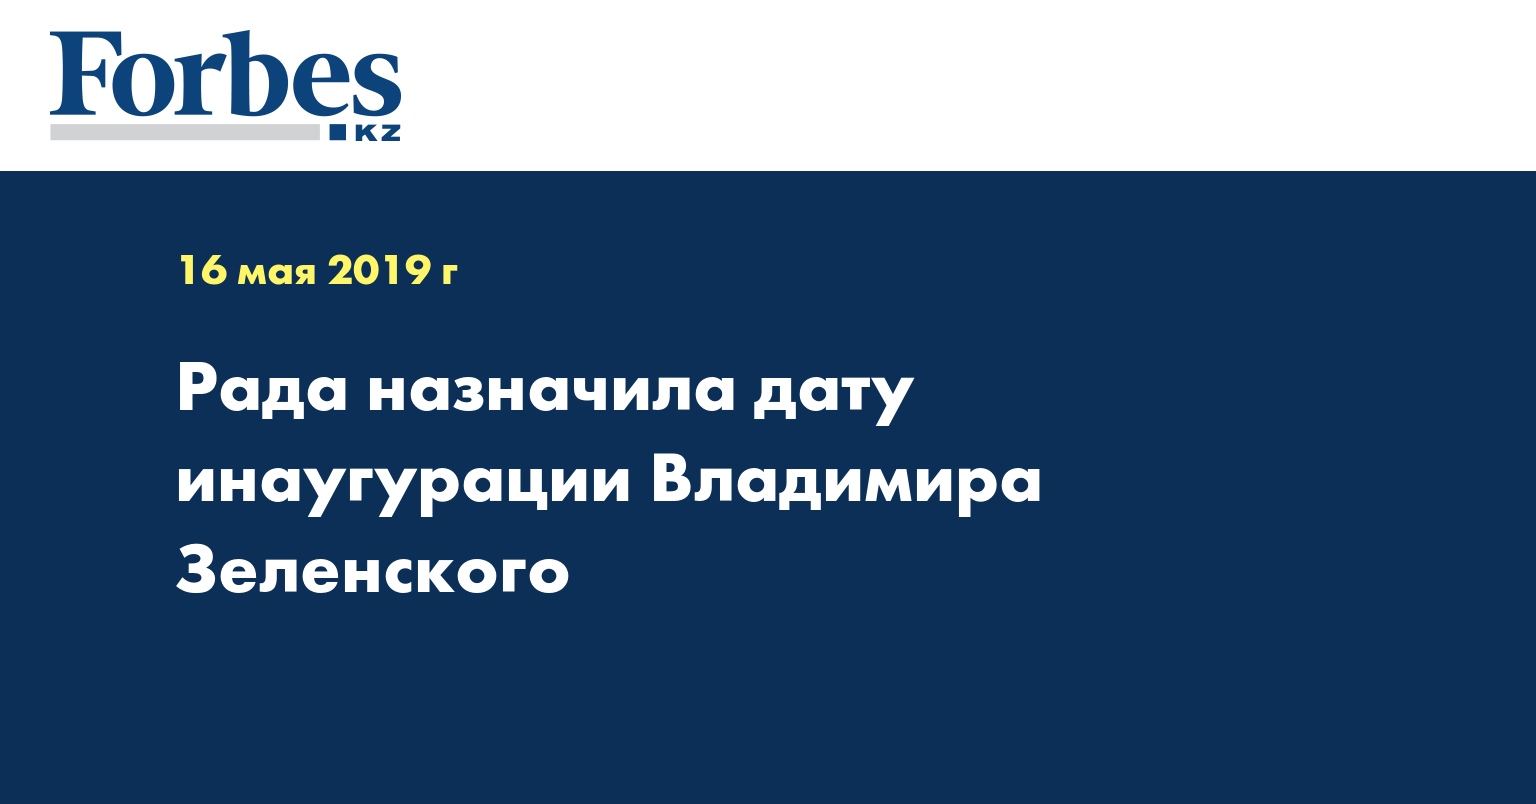 Рада назначила дату инаугурации Владимира Зеленского